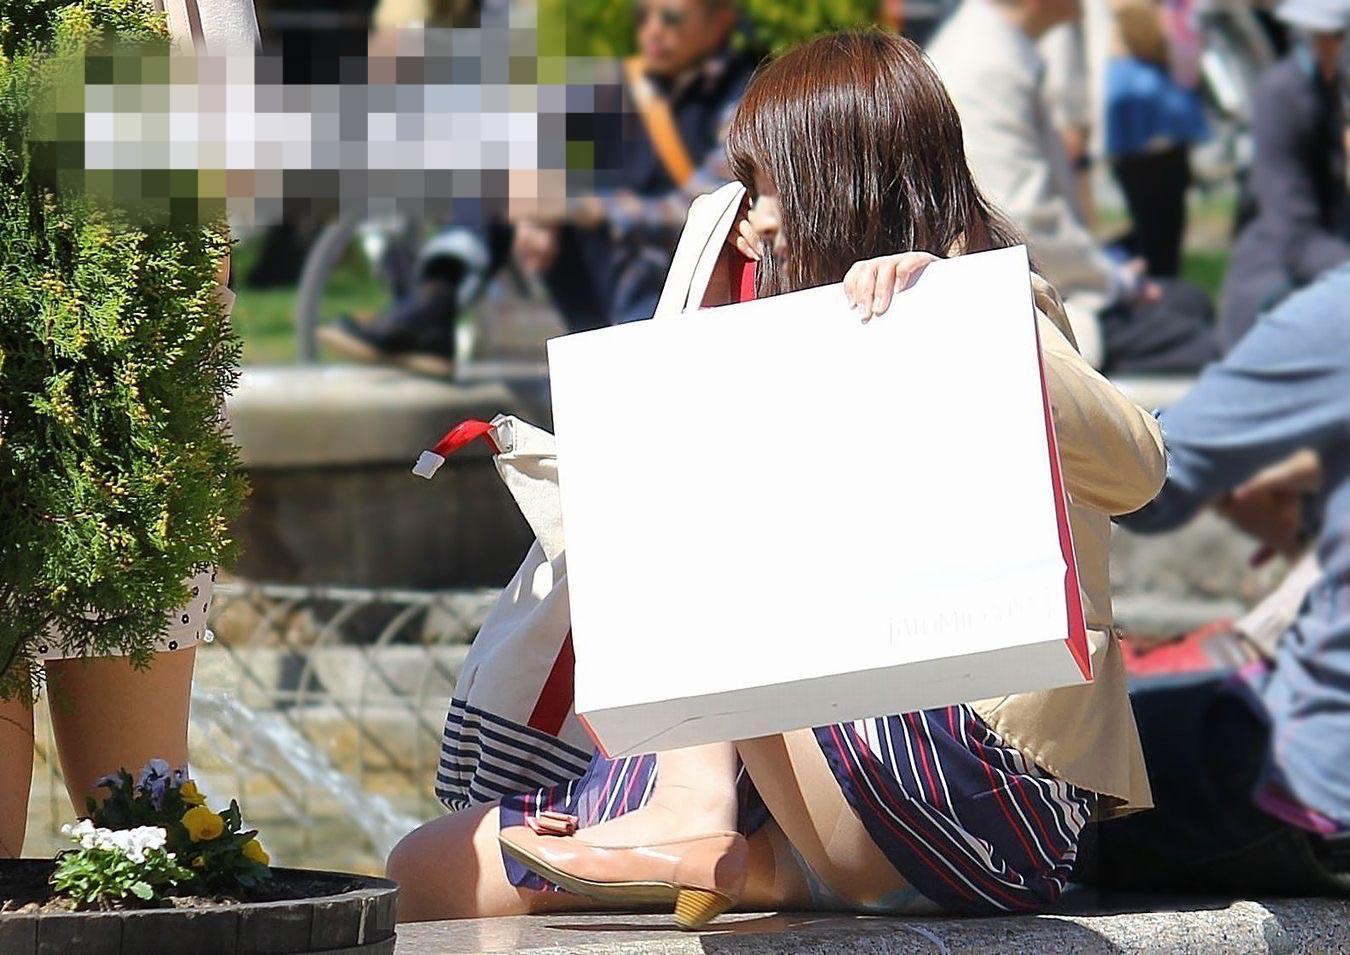 公園でのパンチラ率高すぎーwww可愛いお姉さんのパンツ見放題!!! 2444